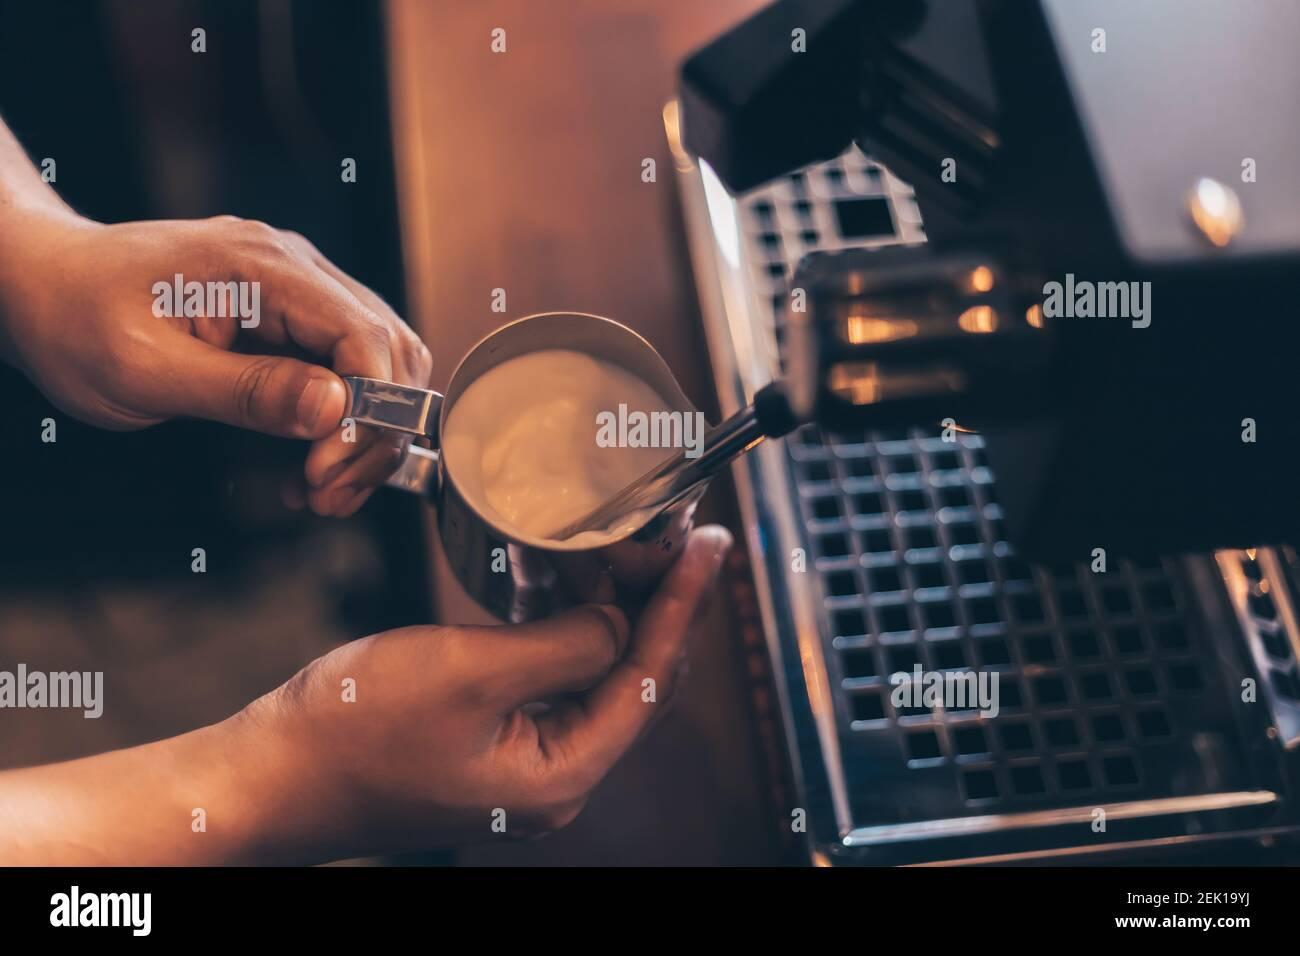 Der Barista erwärmt Milchdampf für die Zubereitung von Latten im Café. Stockfoto